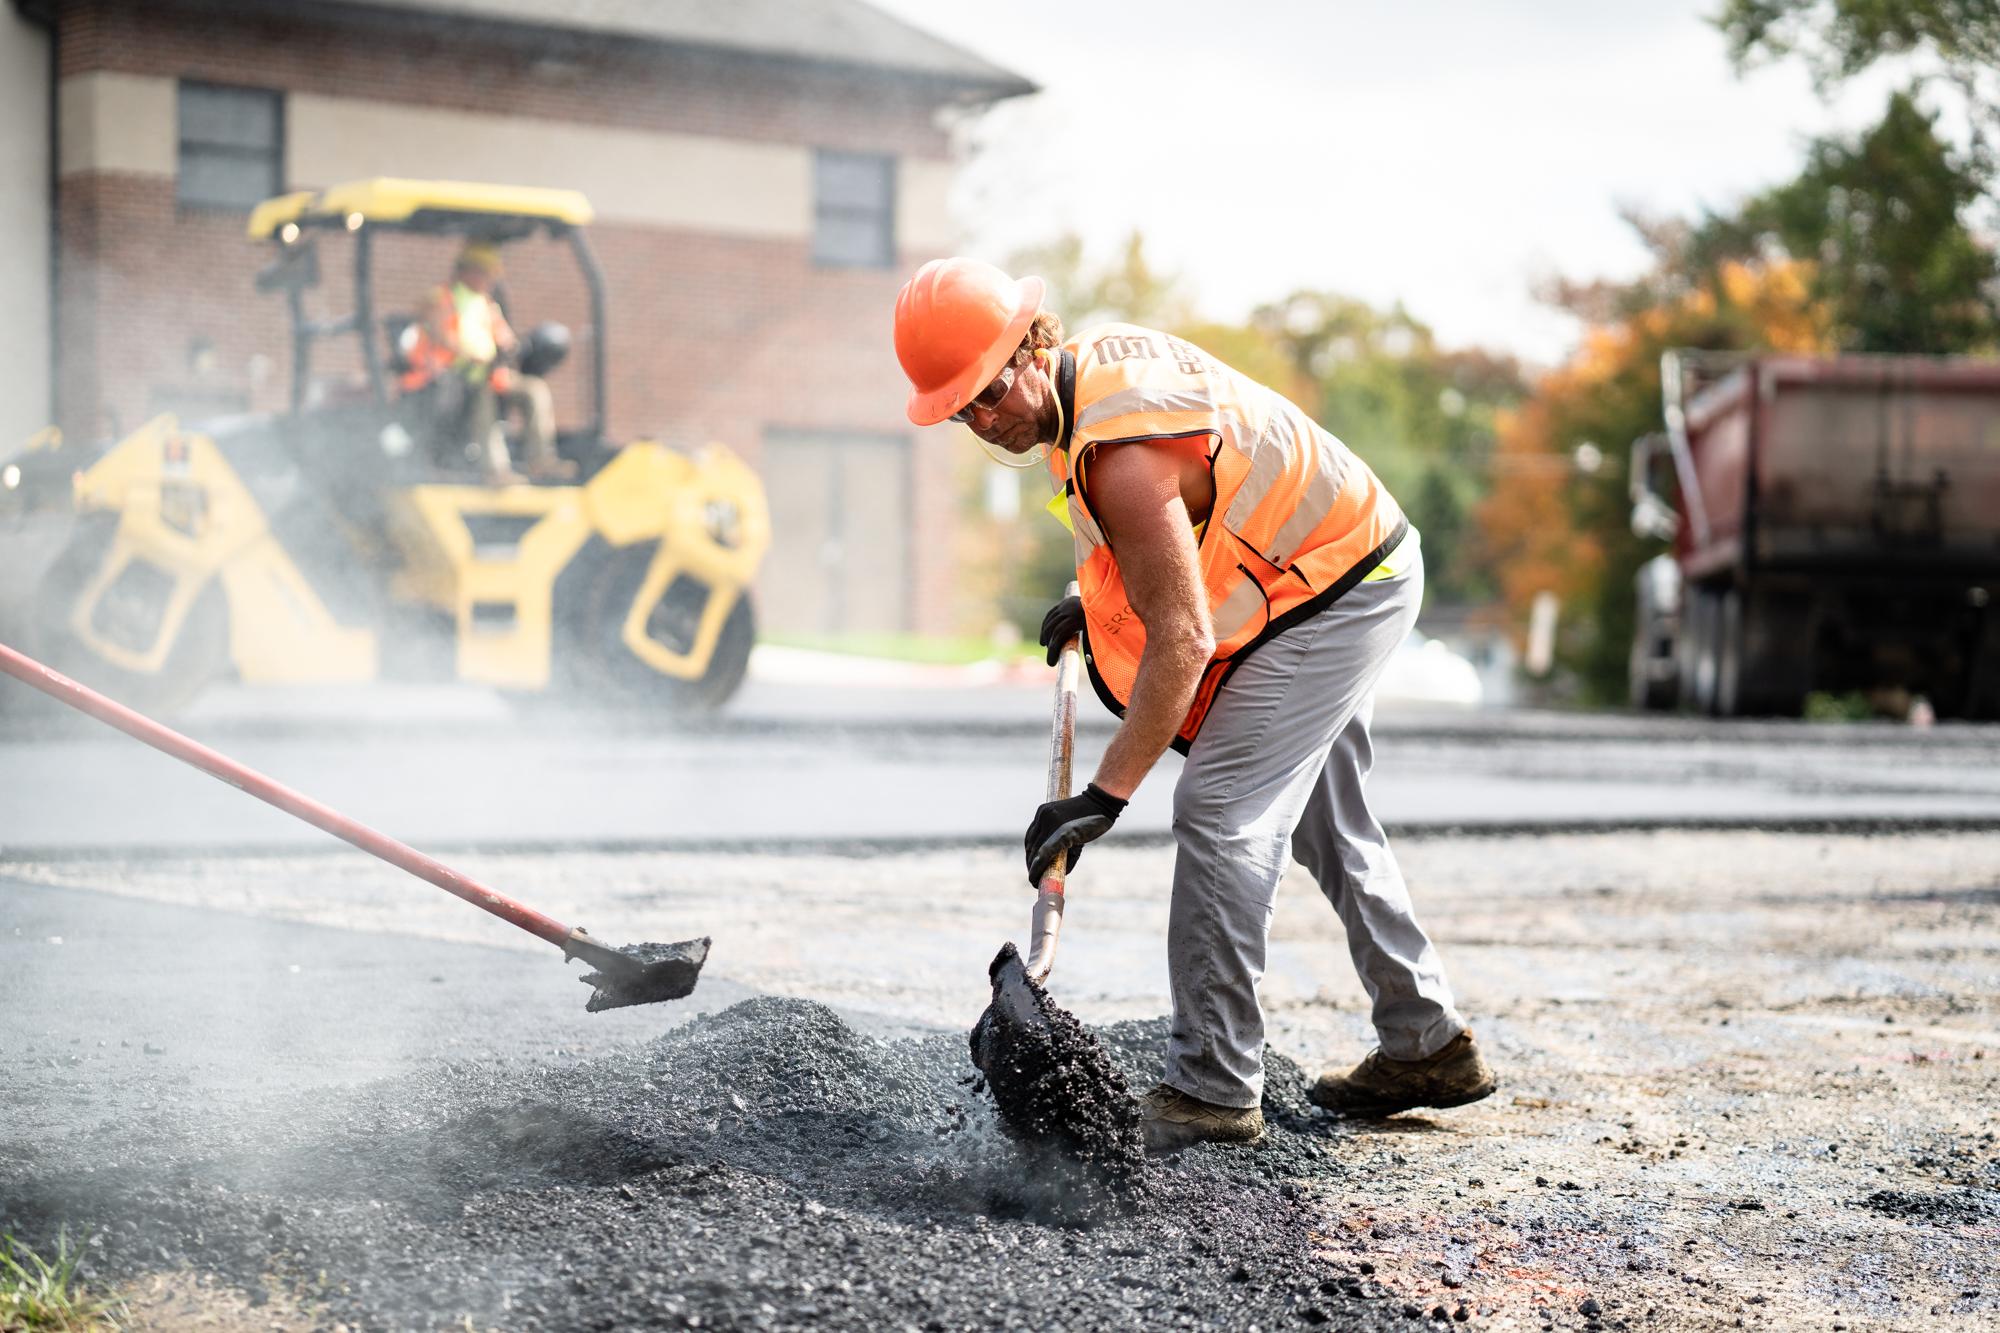 Berg Team Member Wearing an Orange Vest and Hard Hat Shoveling Asphalt at a Work Site